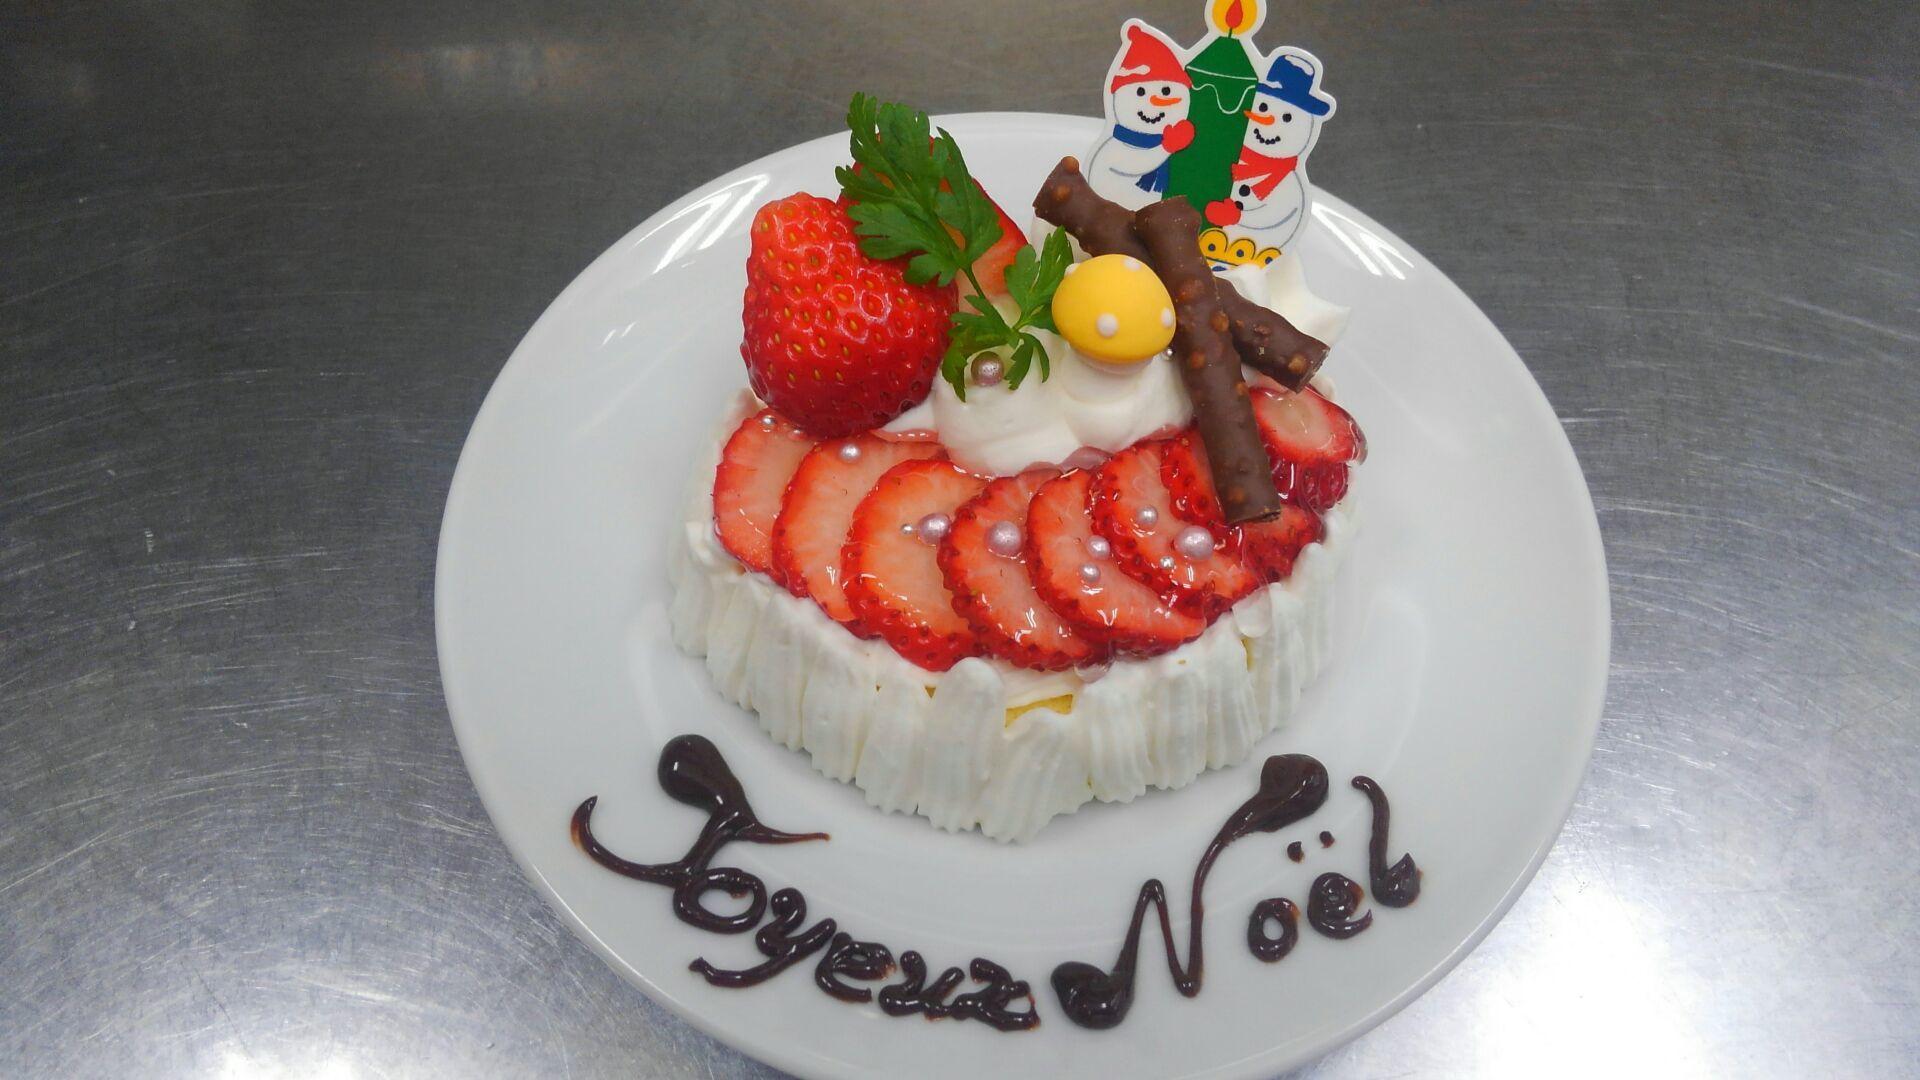 クリスマスケーキと元日の朝食_b0251421_13581706.jpg